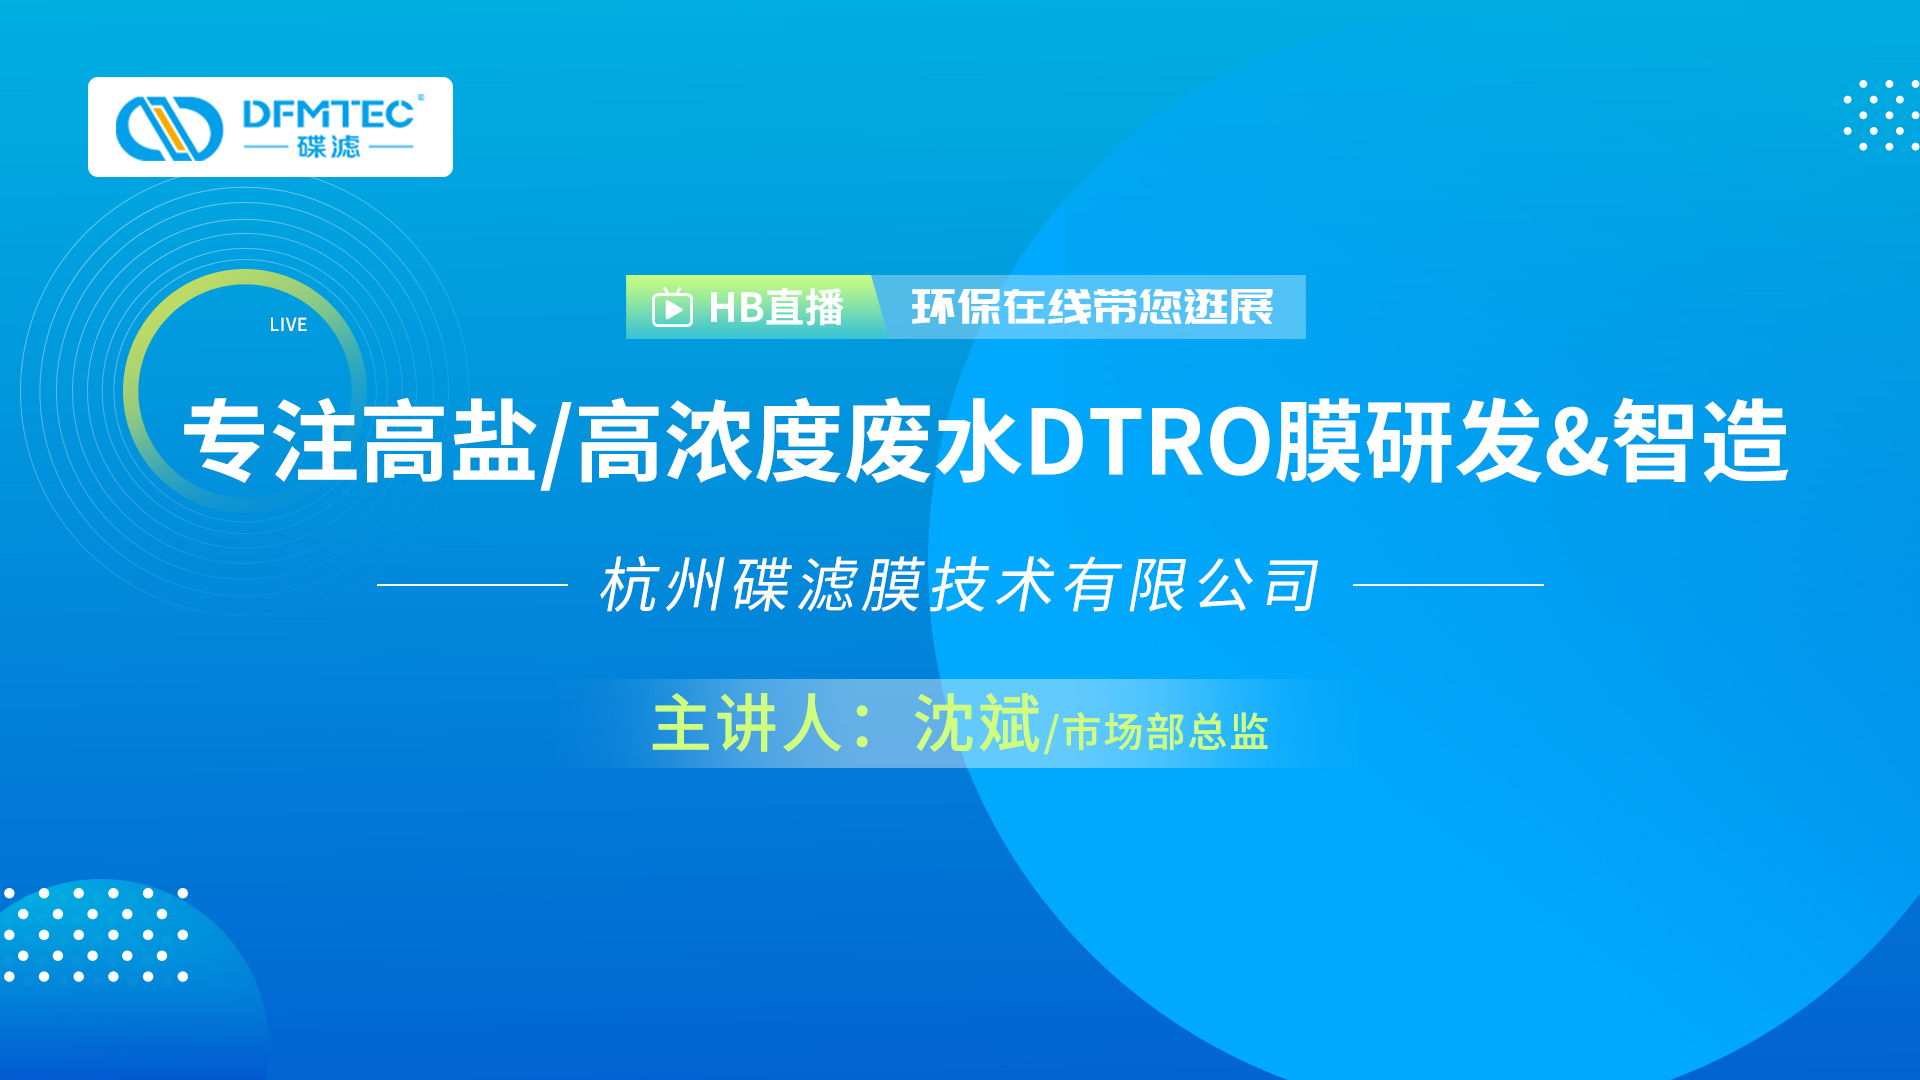 展位號W4館C43! 杭州碟濾膜技術有限公司攜DTRO膜亮相環博會